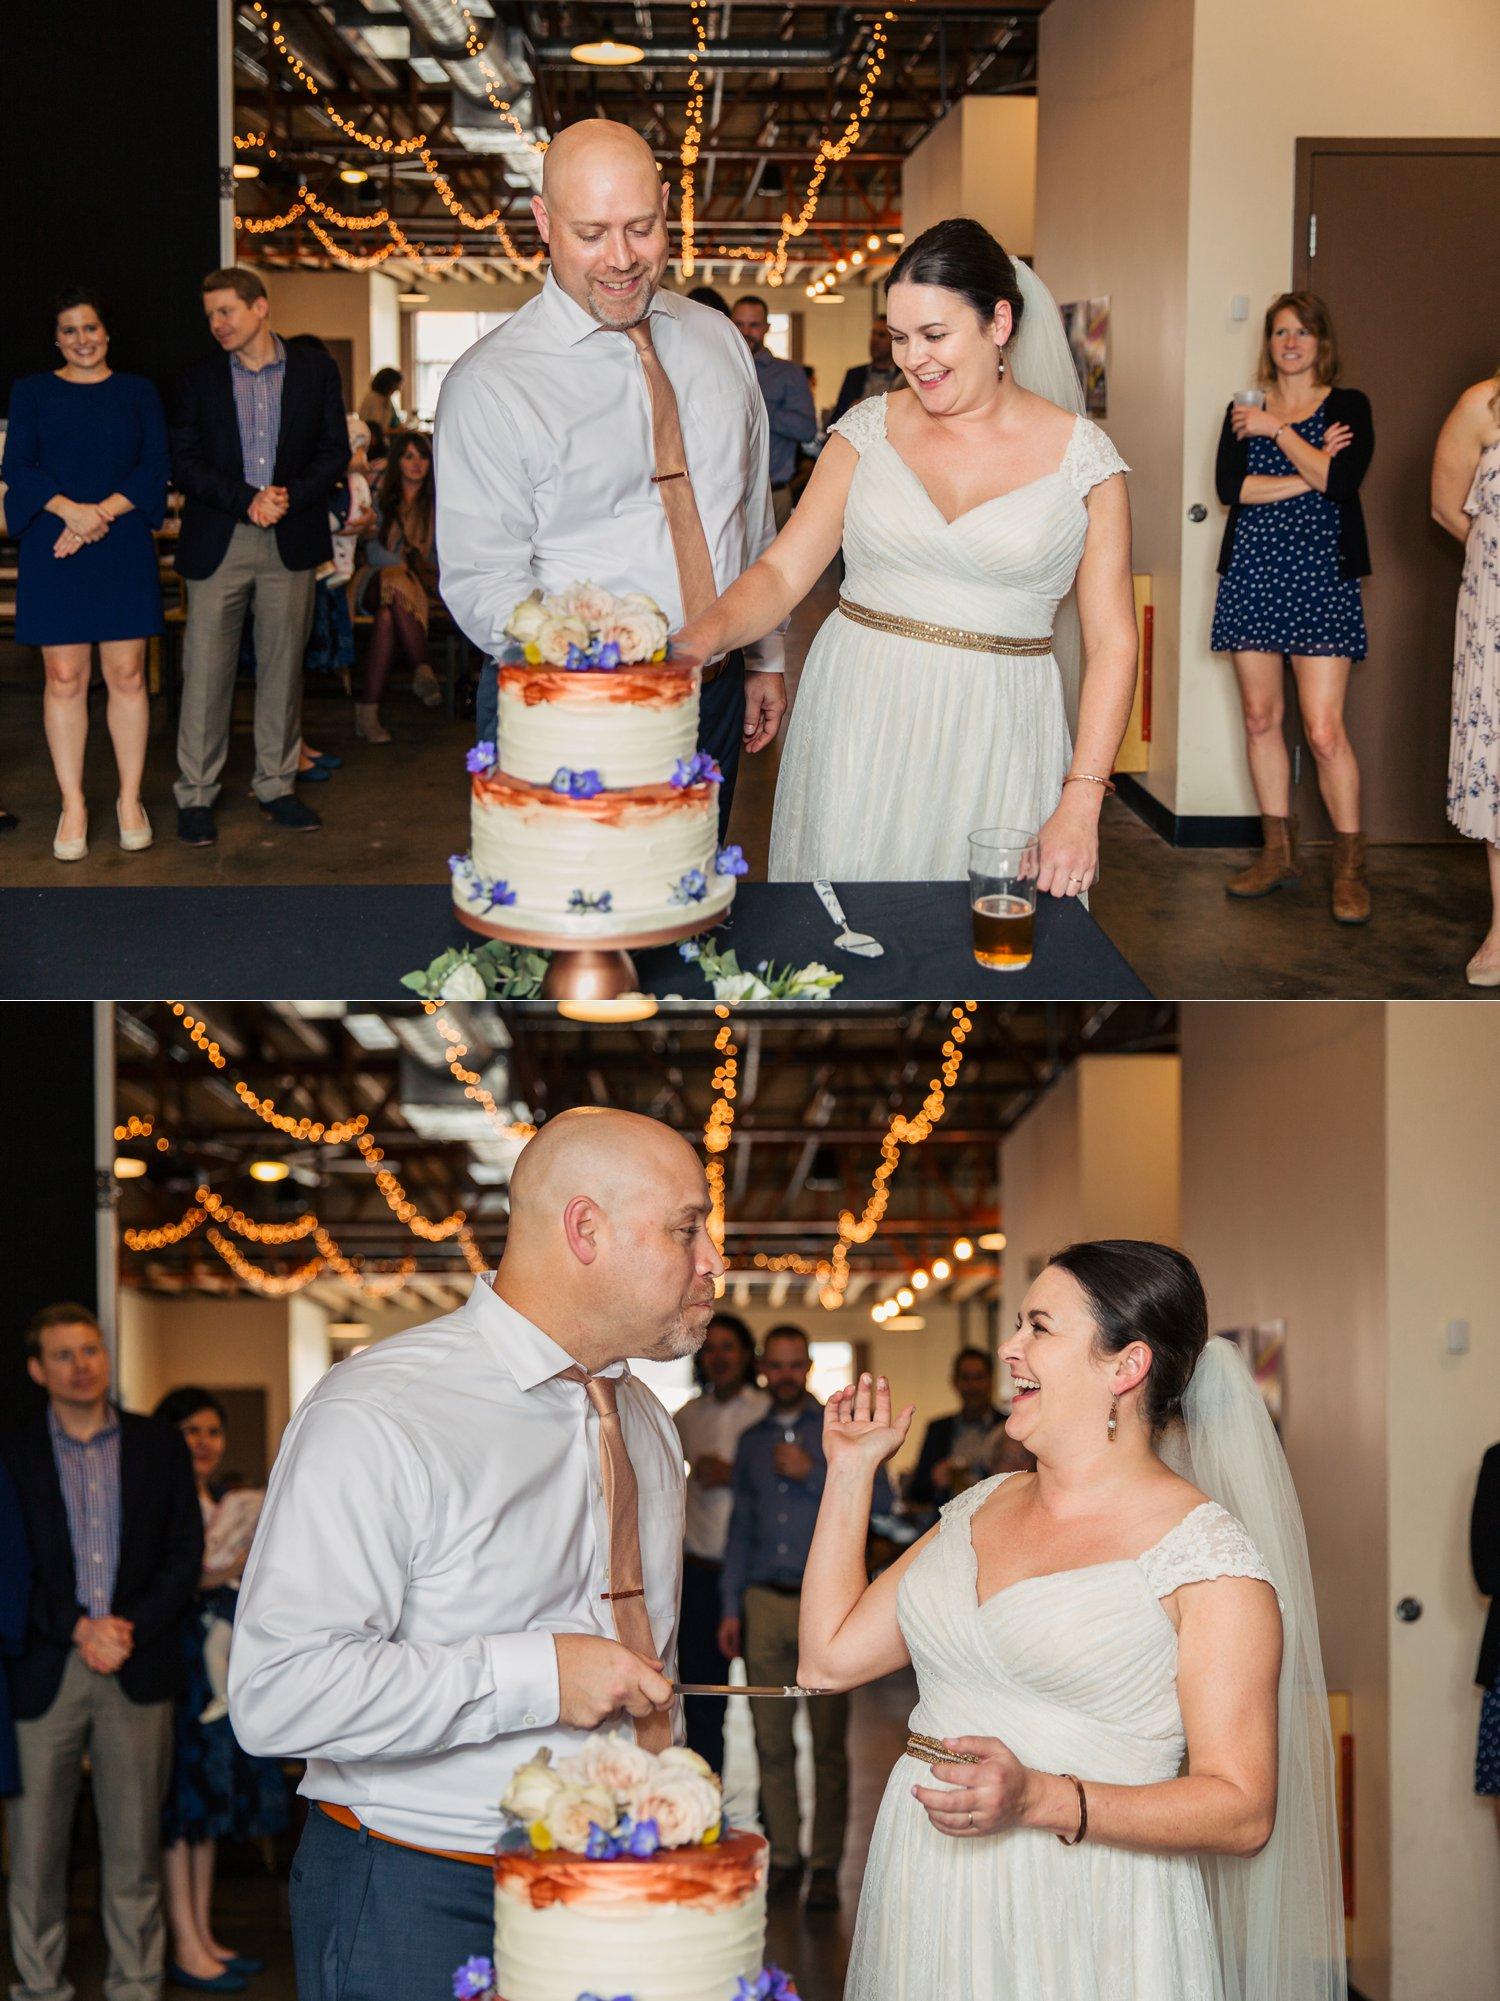 CK-Photo-Nashville-engagement-wedding-photographer-smith-and-lentz